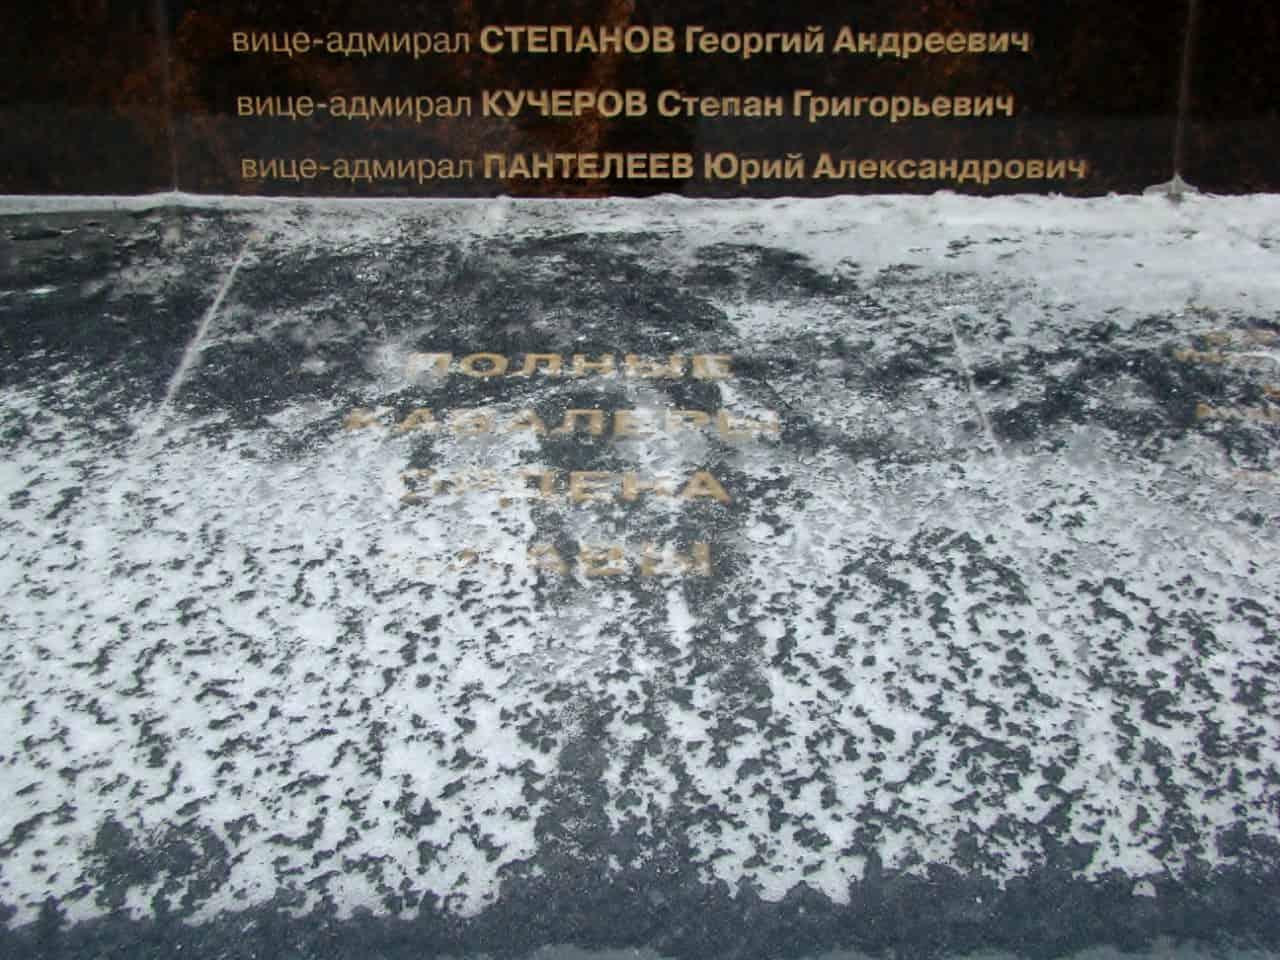 Сегодня надписей на плитах не видно из-за обледеневшего снега.